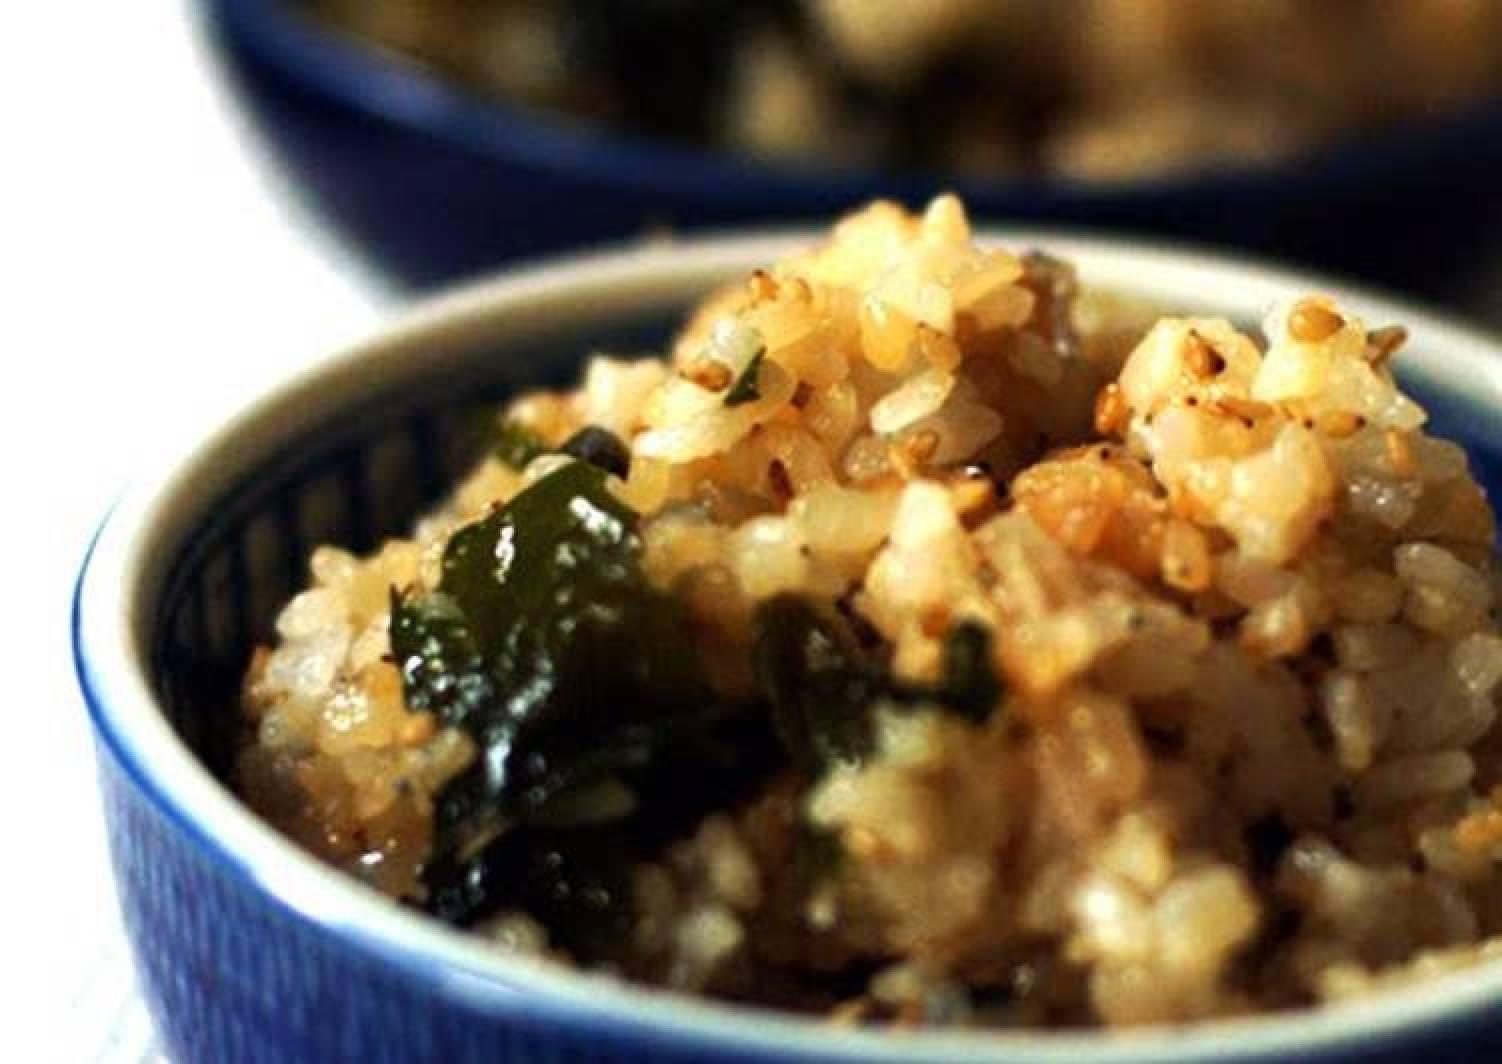 Microwaved 'Fried Rice' with Wakame Seaweed